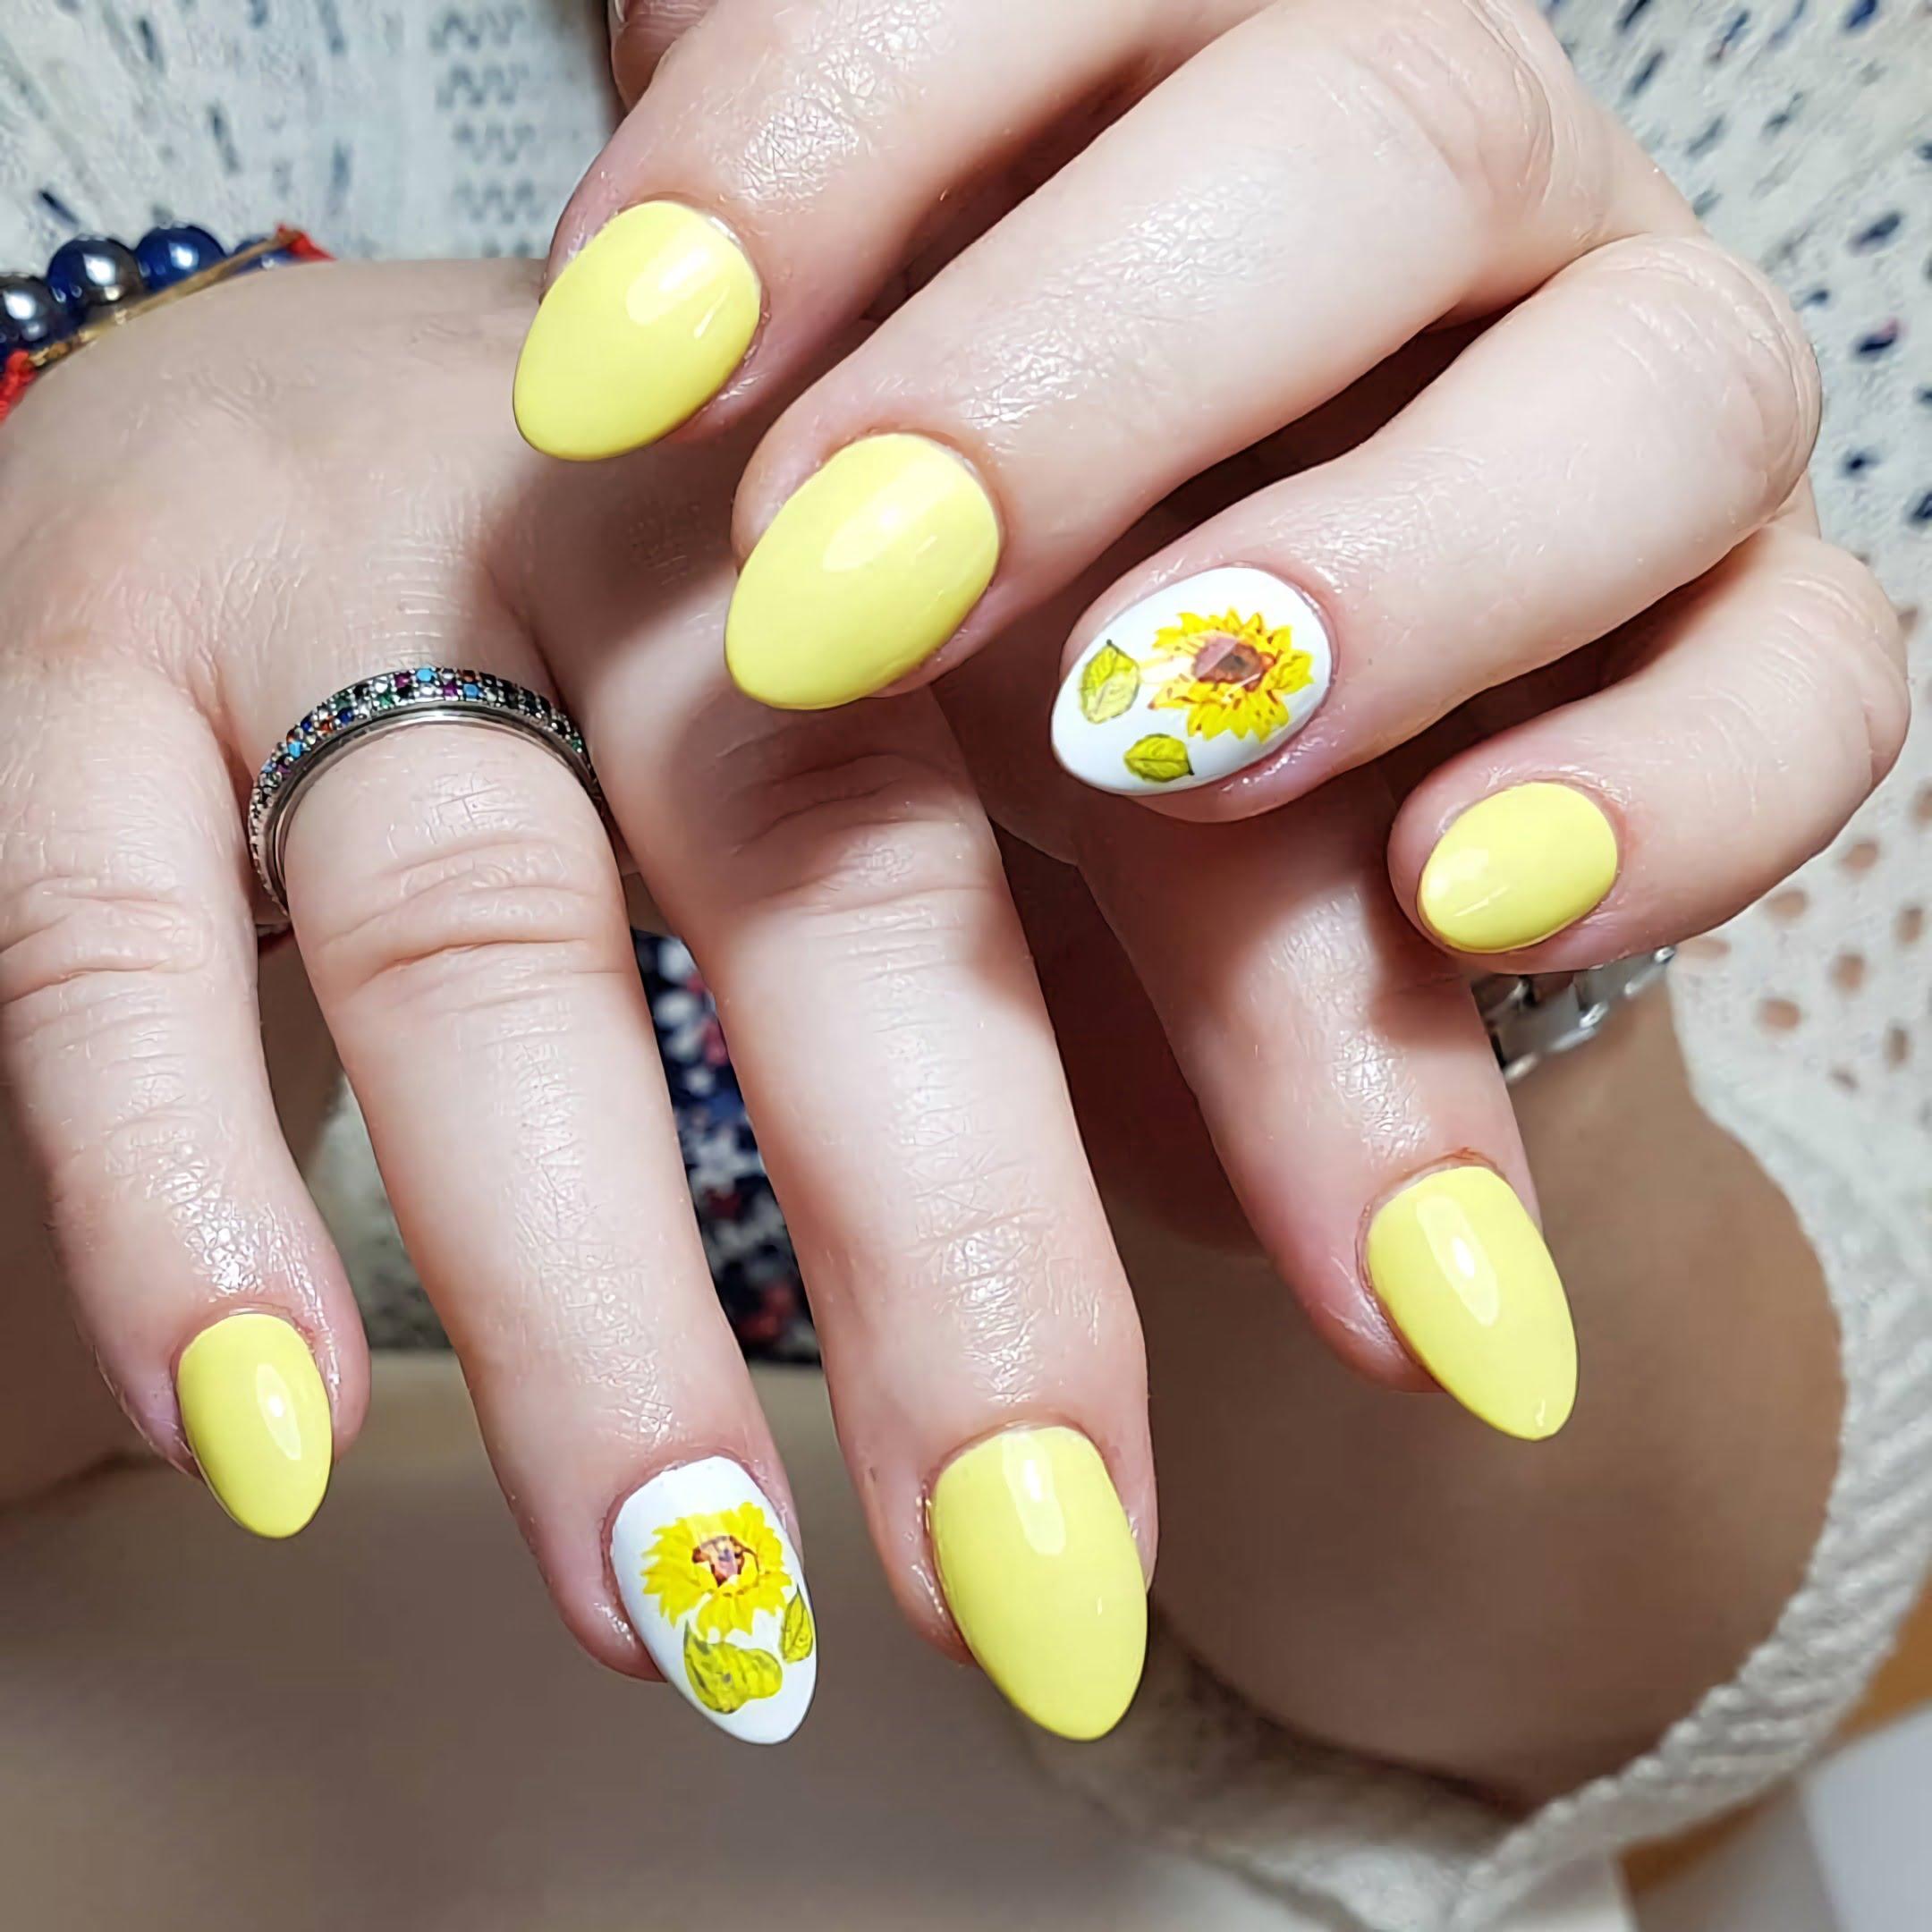 овальные ногти с дизайном подсолнуха